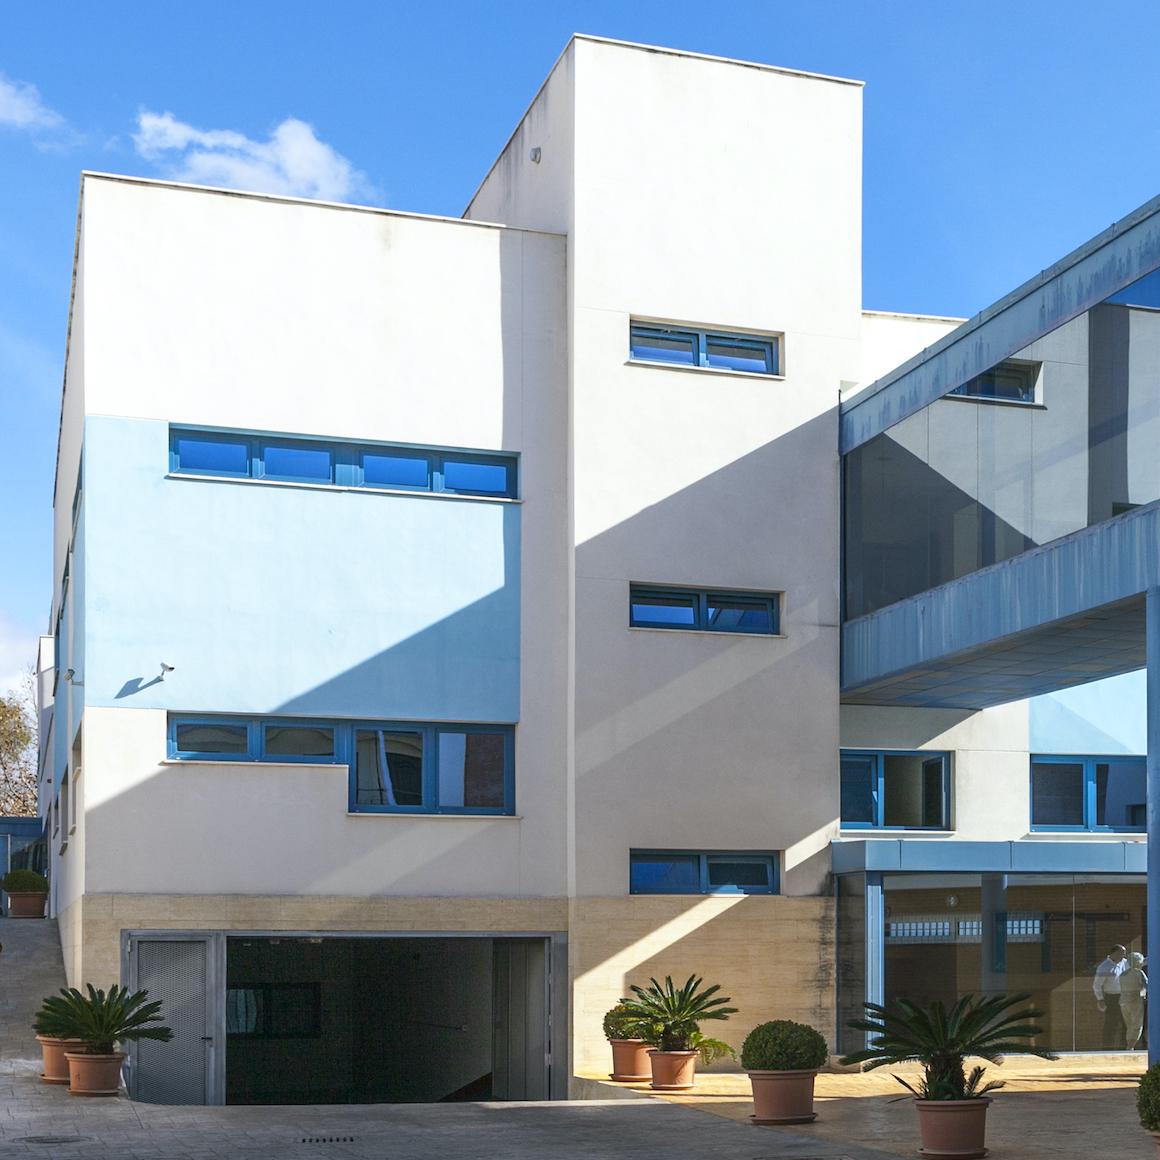 Hospital Santa Elena, clinica médica en Torremolinos, Málaga. Servicios sanitarios en la Costa del Sol. Más de 30 especialidades y servicio de urgencia